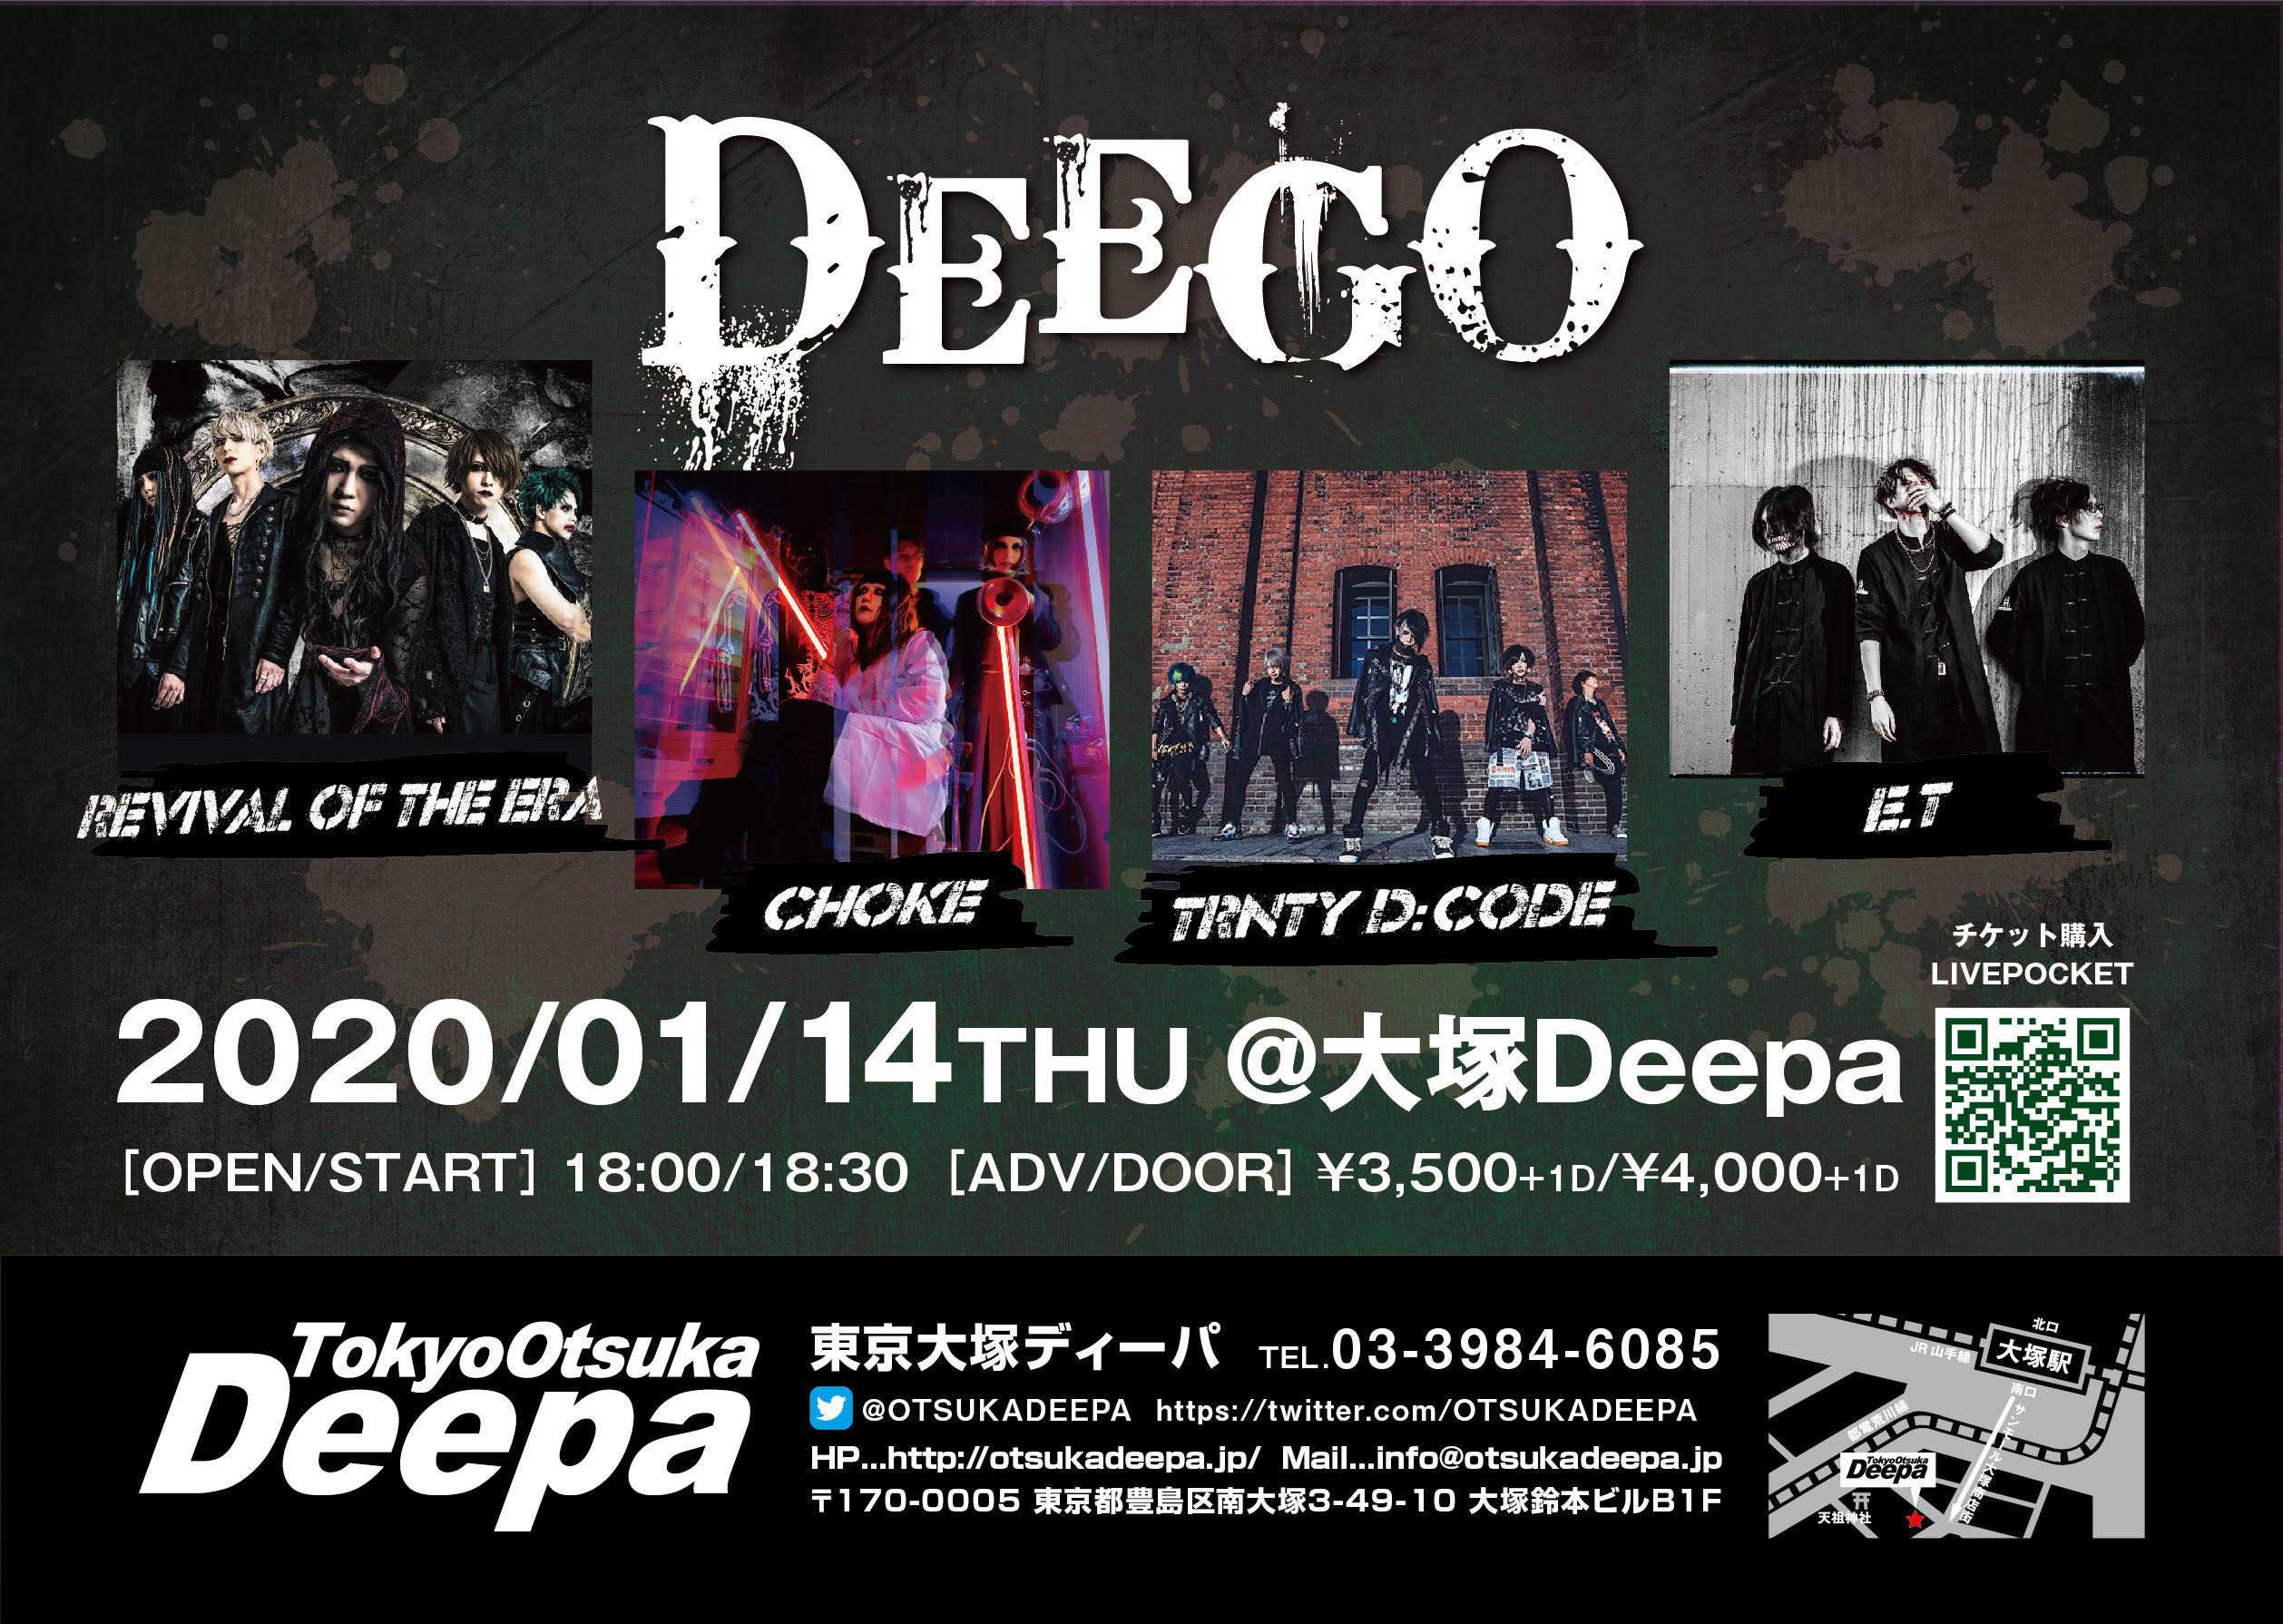 DEEGO 2021/01/14